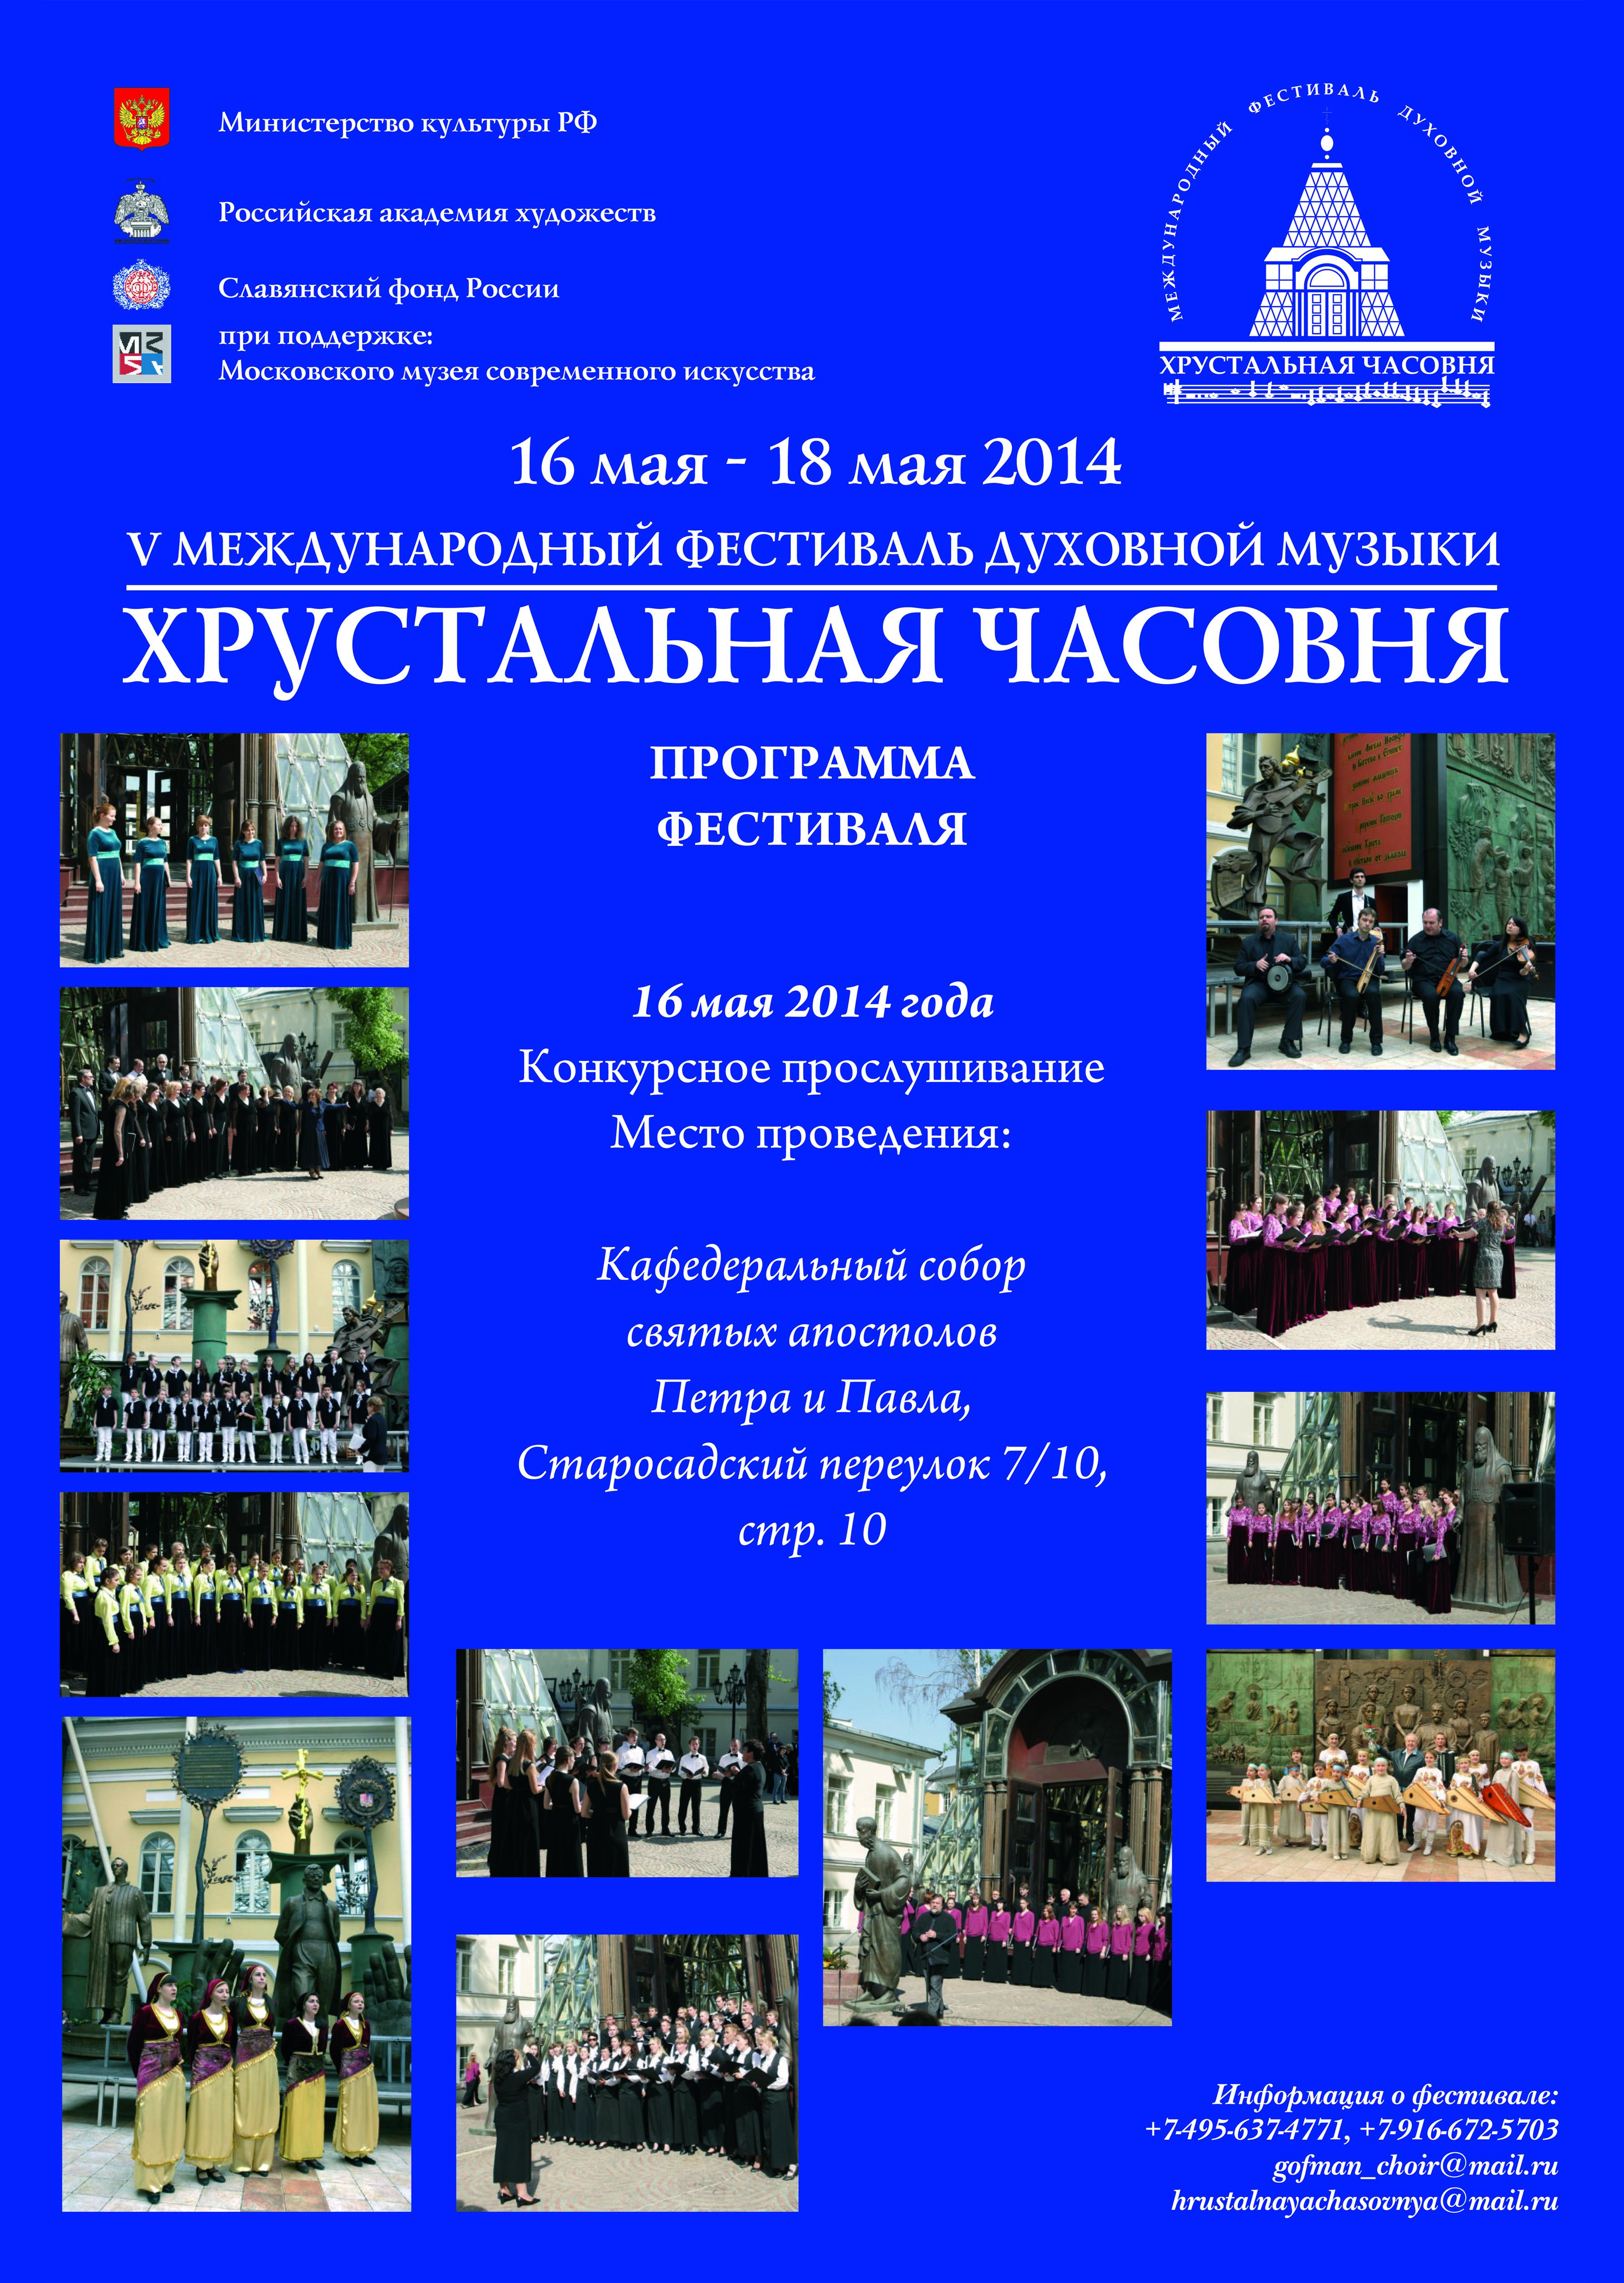 ХРУСТАЛЬНАЯ ЧАСОВНЯ 2014-16 МАЯ